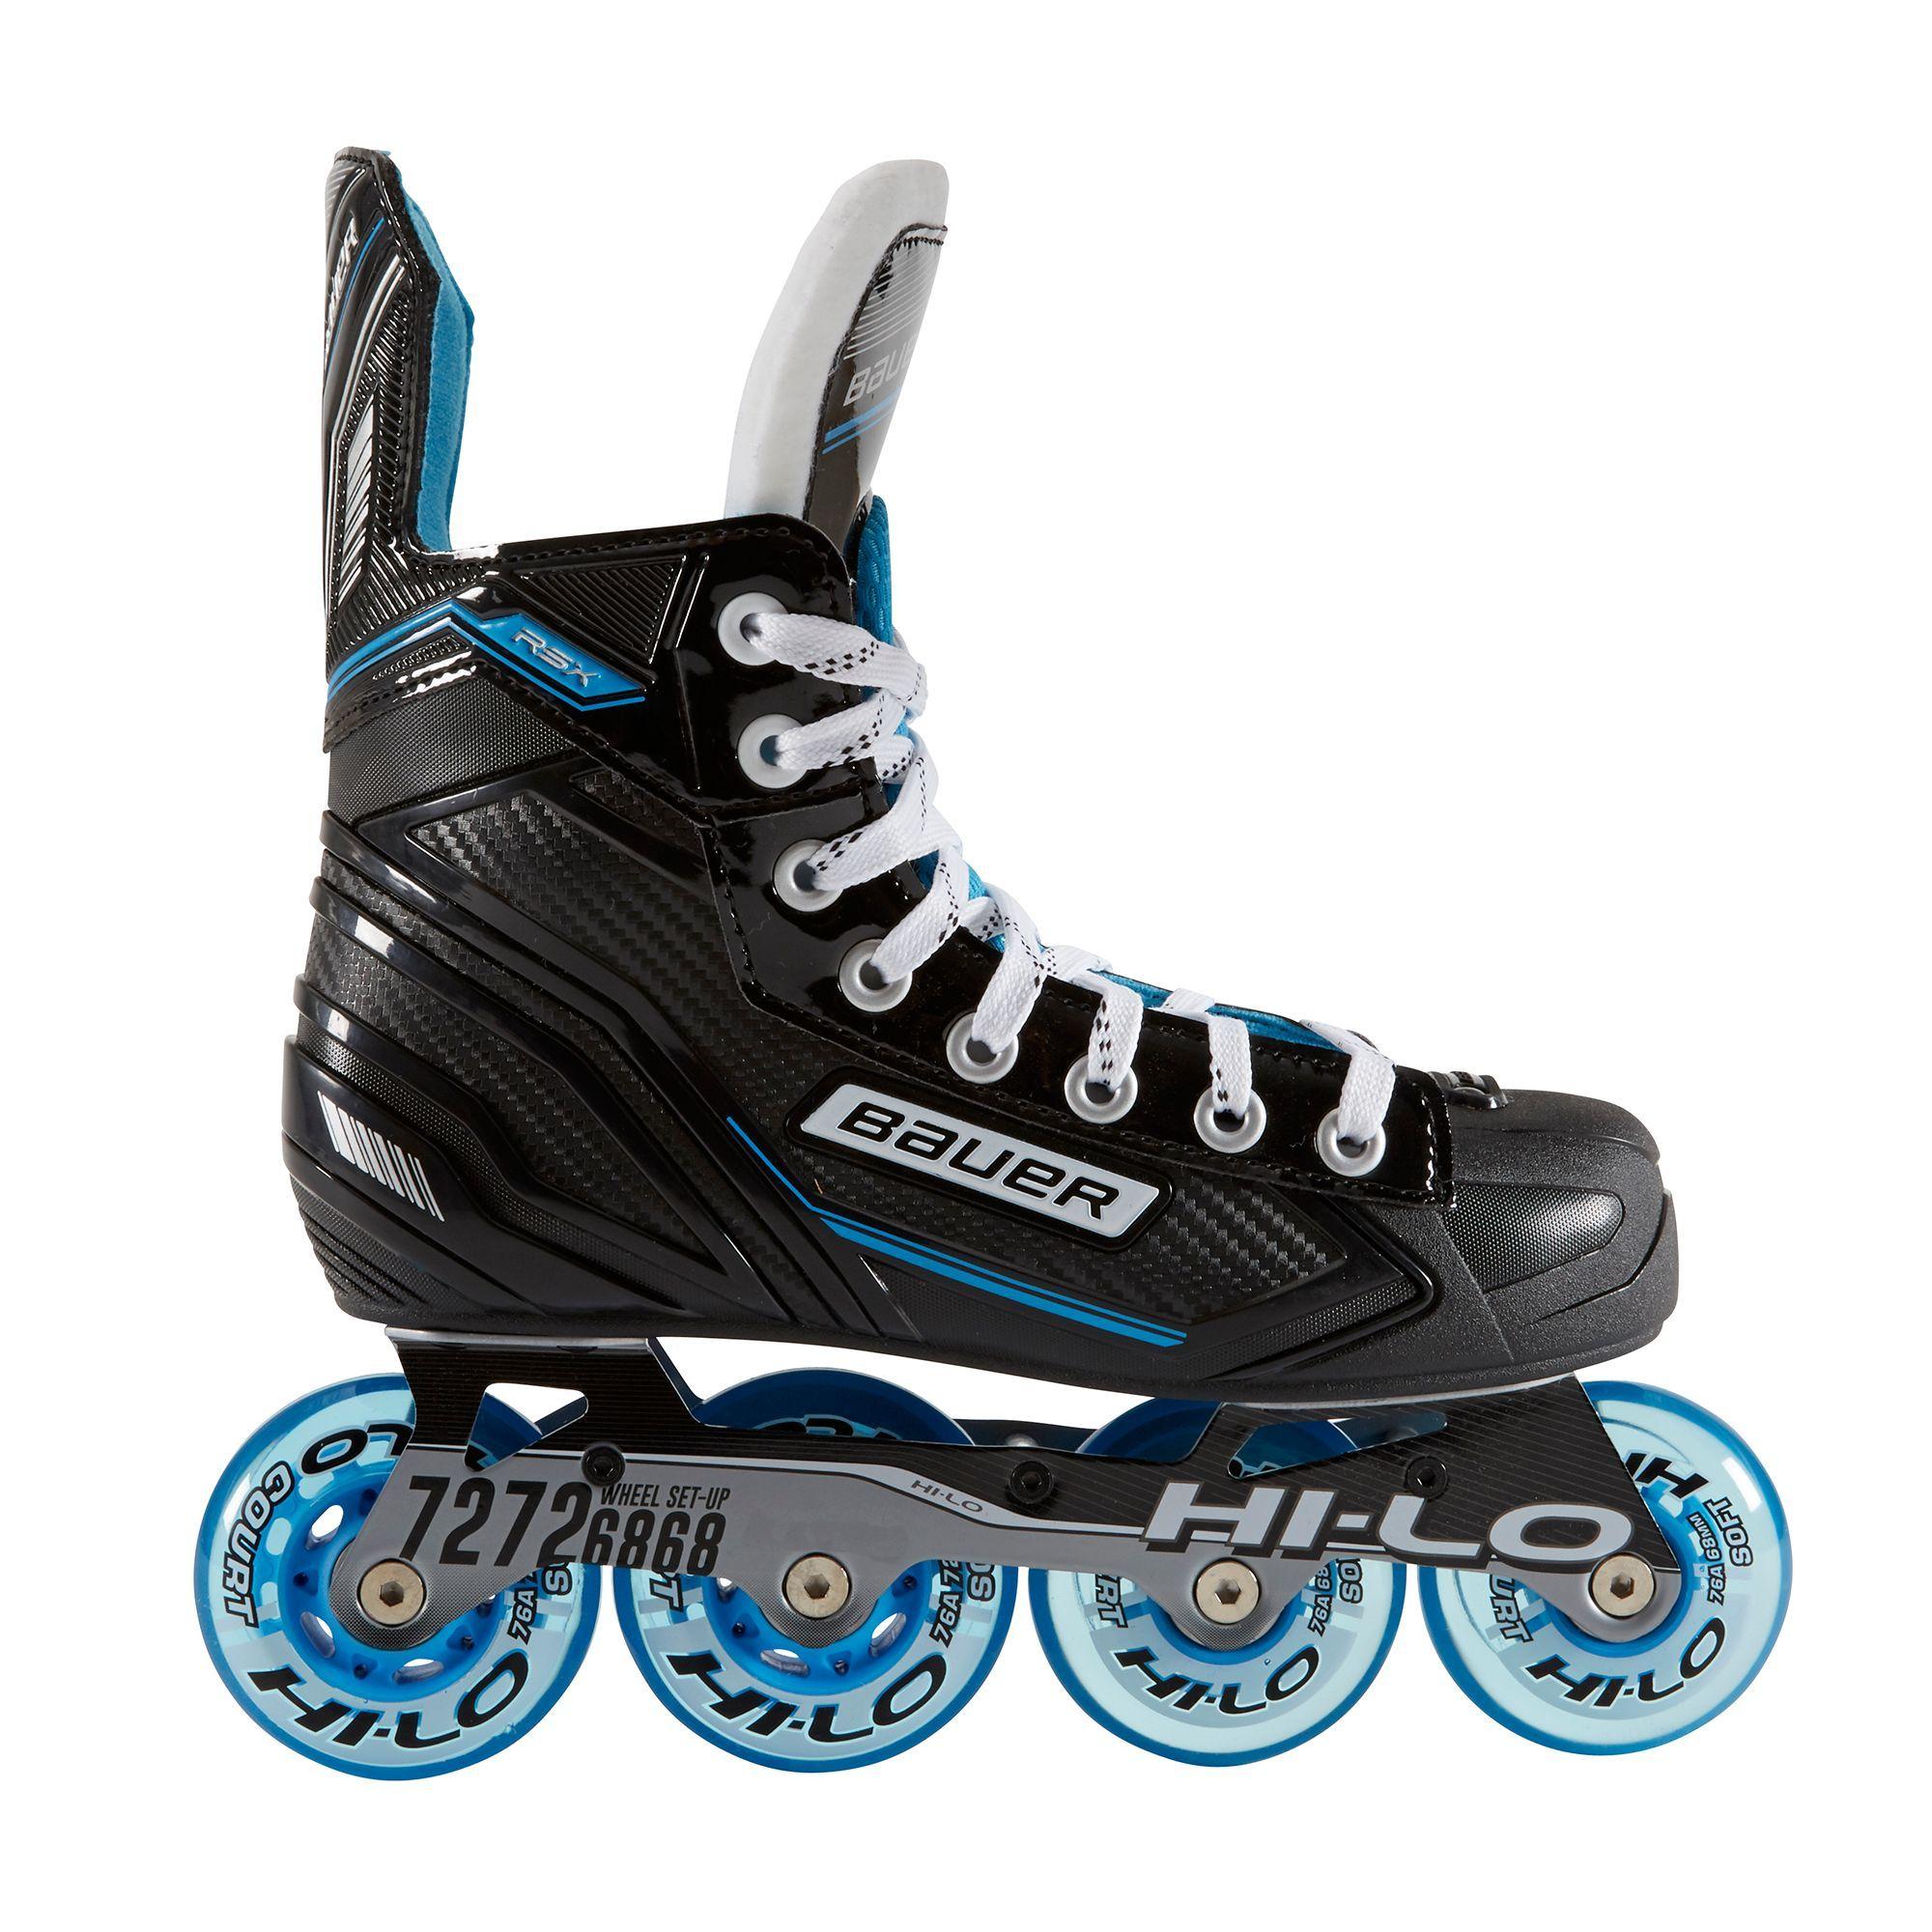 Bauer Senior Rsx Roller Hockey Skates In 2020 Roller Hockey Skates Hockey Roller Skating